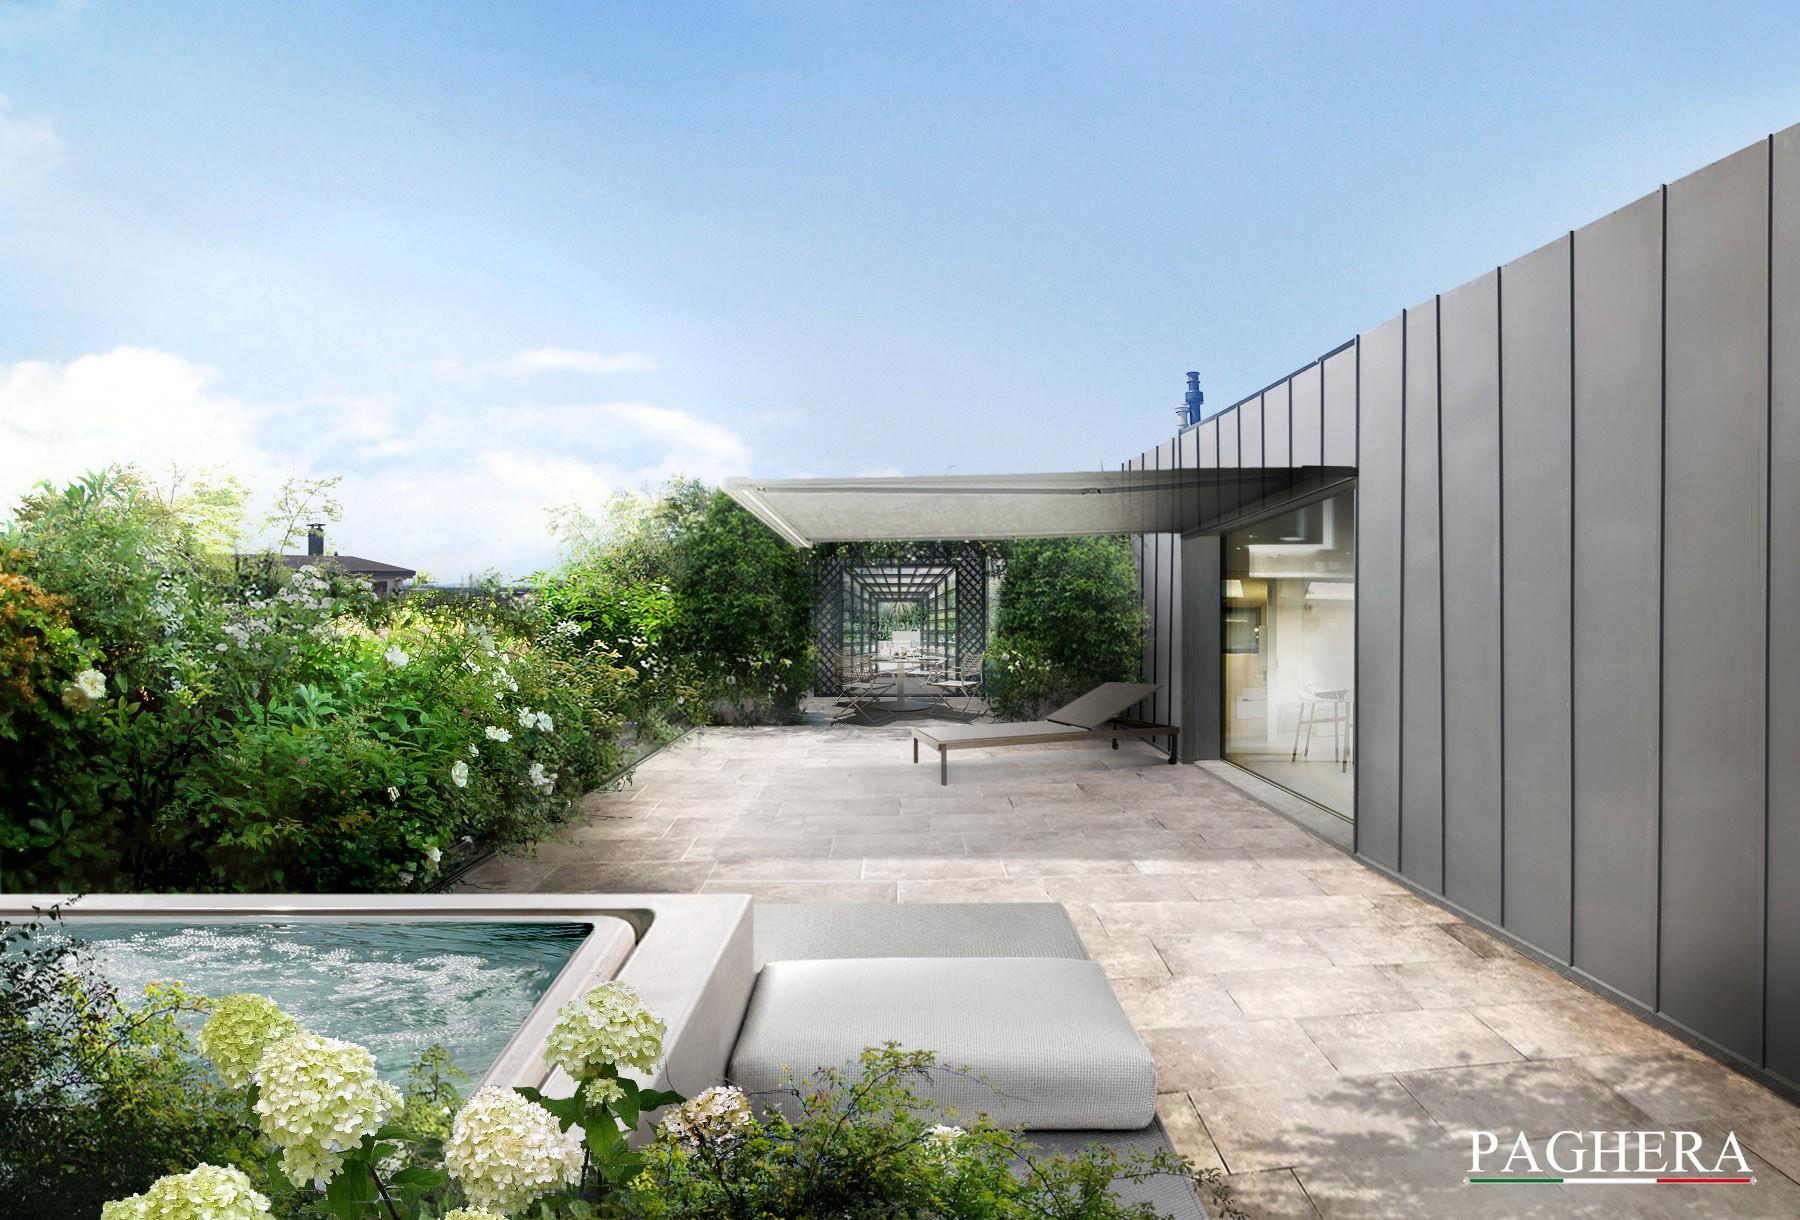 New horizons - Terraces